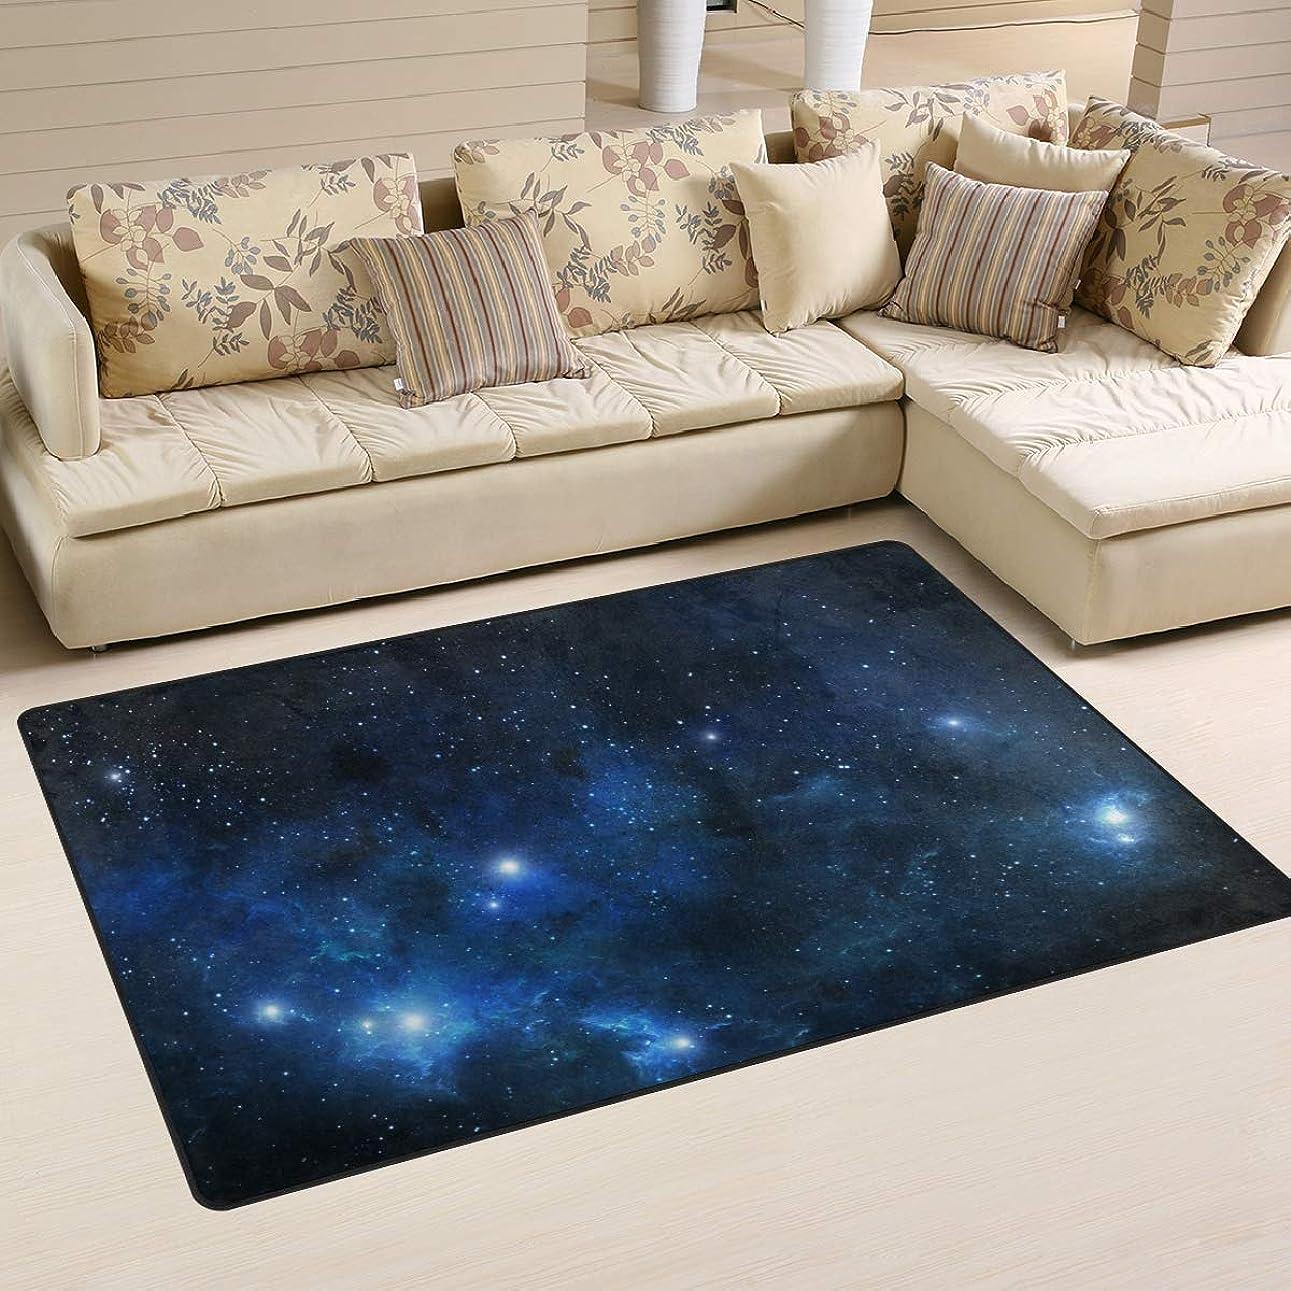 ランチョンシンプトン吸収SUKAU ラグマット 宇宙柄 星空 星柄 洗える 滑り止め付 100×150 ラグ カーペット 長方形